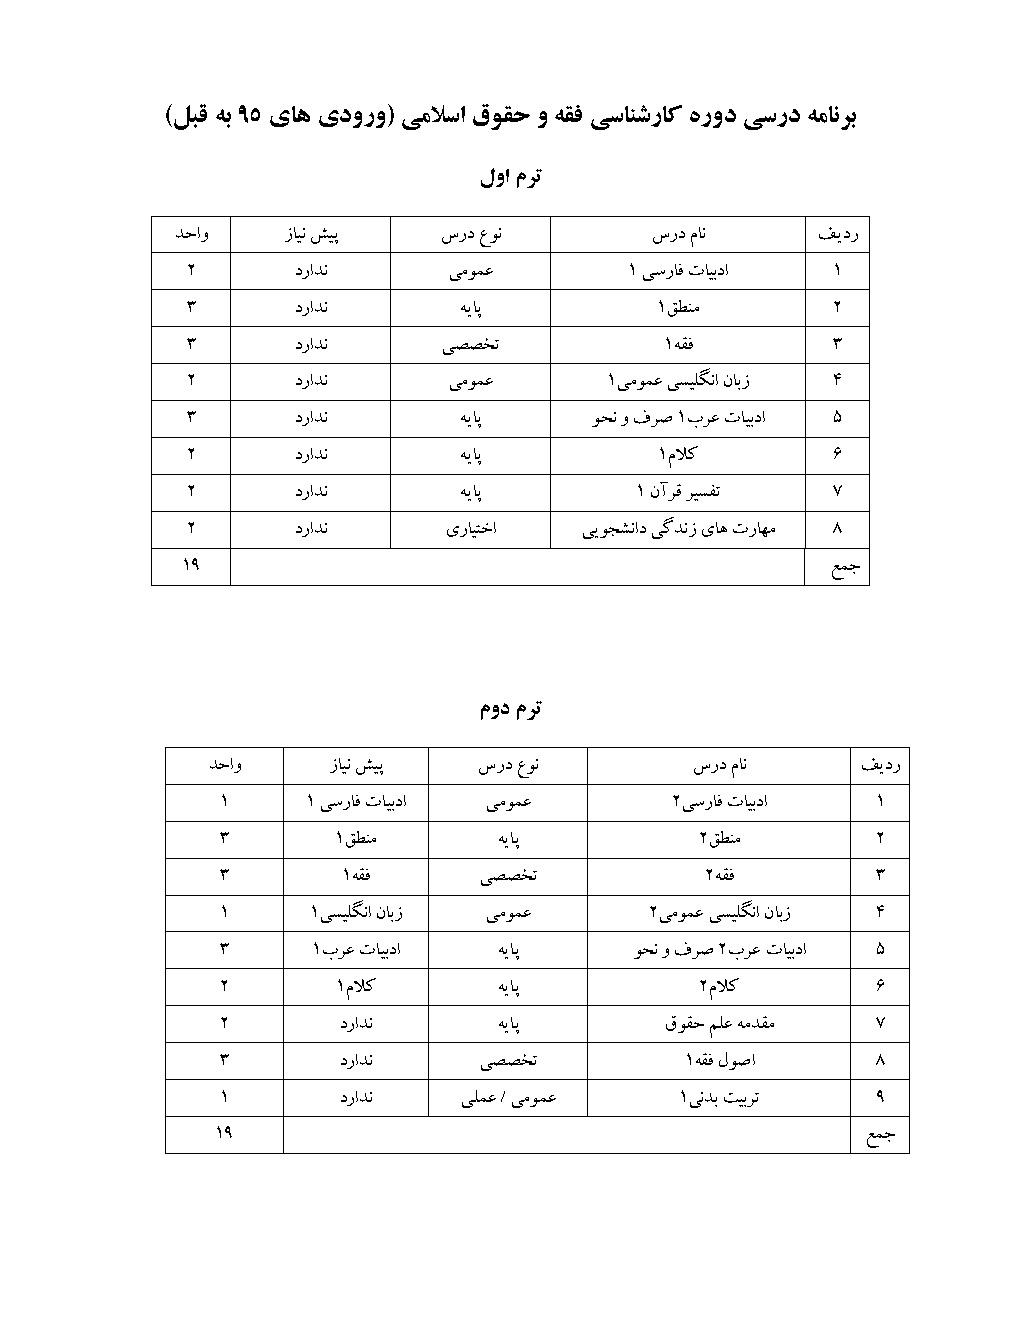 کارشناسی فقه و حقوق اسلامی، ۹۵ به قبل_Page1